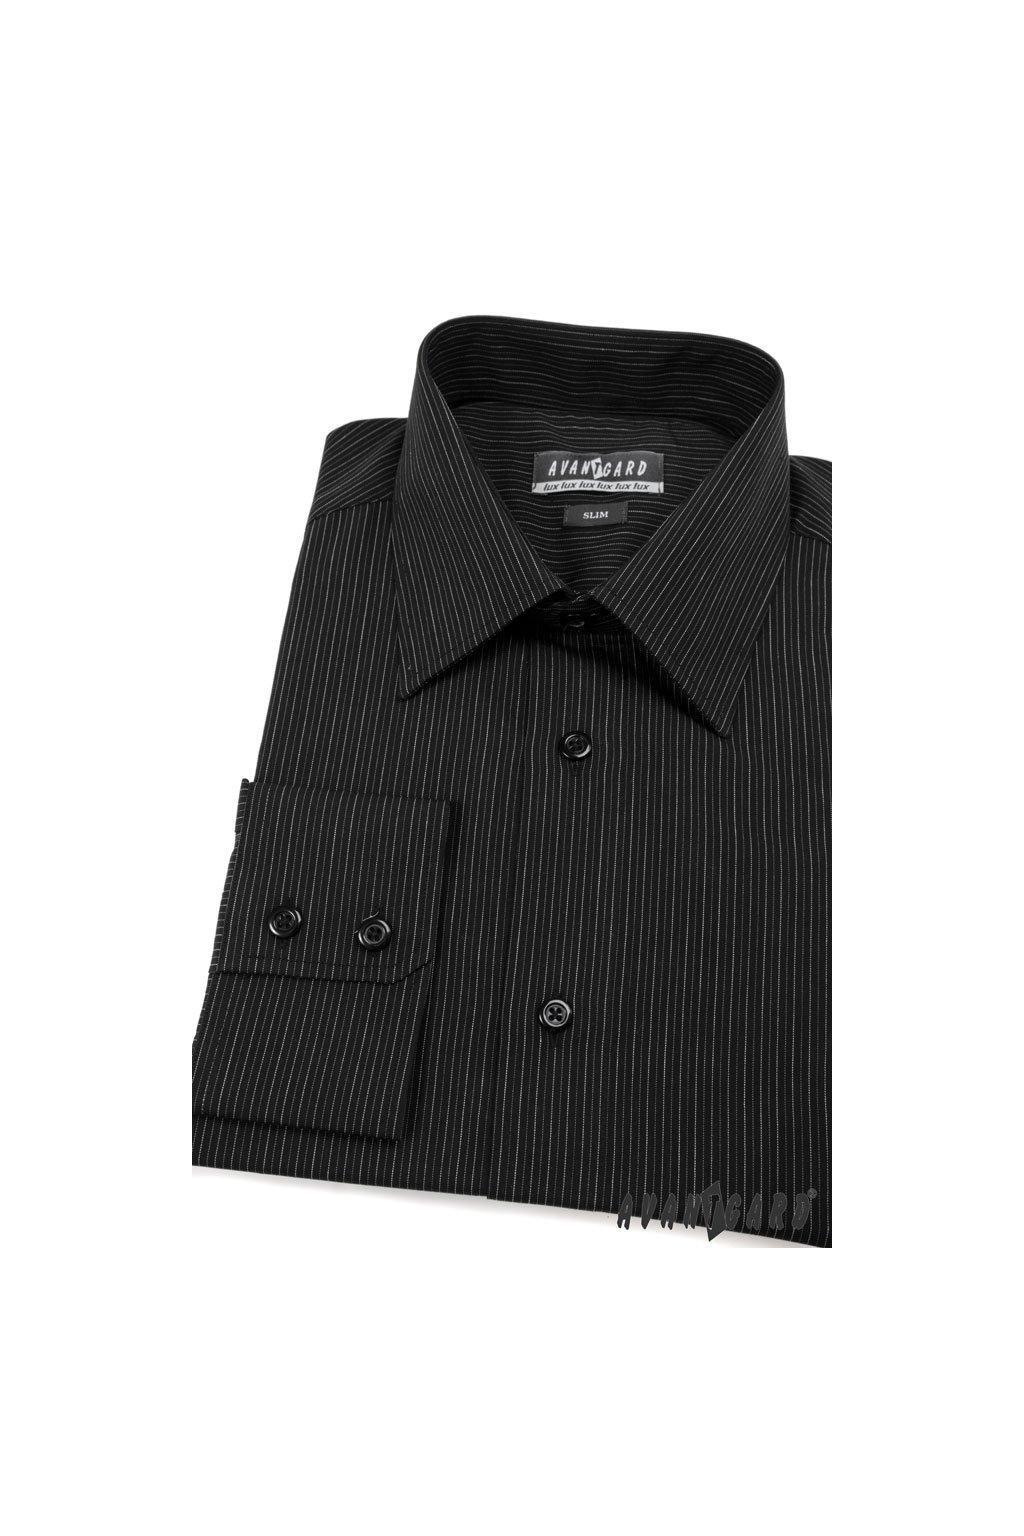 Pánská košile SLIM černá 115 - 2302